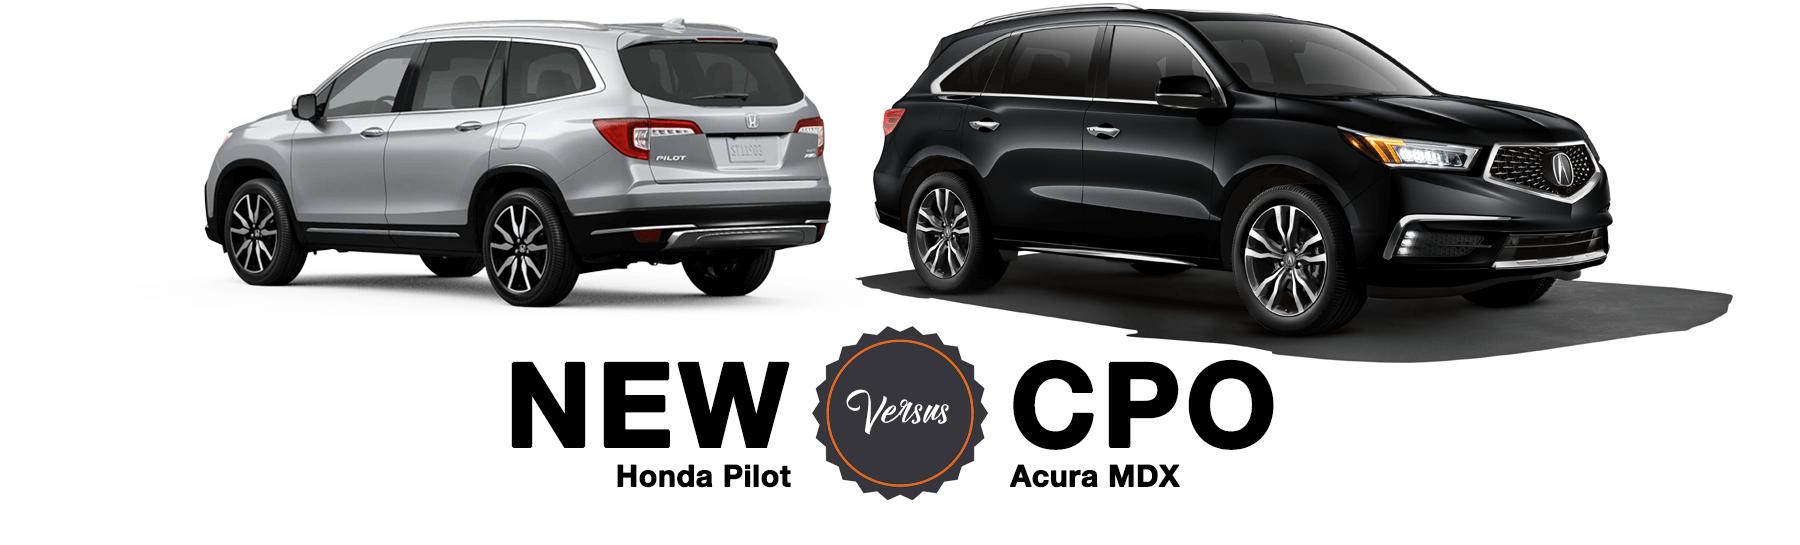 New Honda Pilot Versus CPO Acura MDX